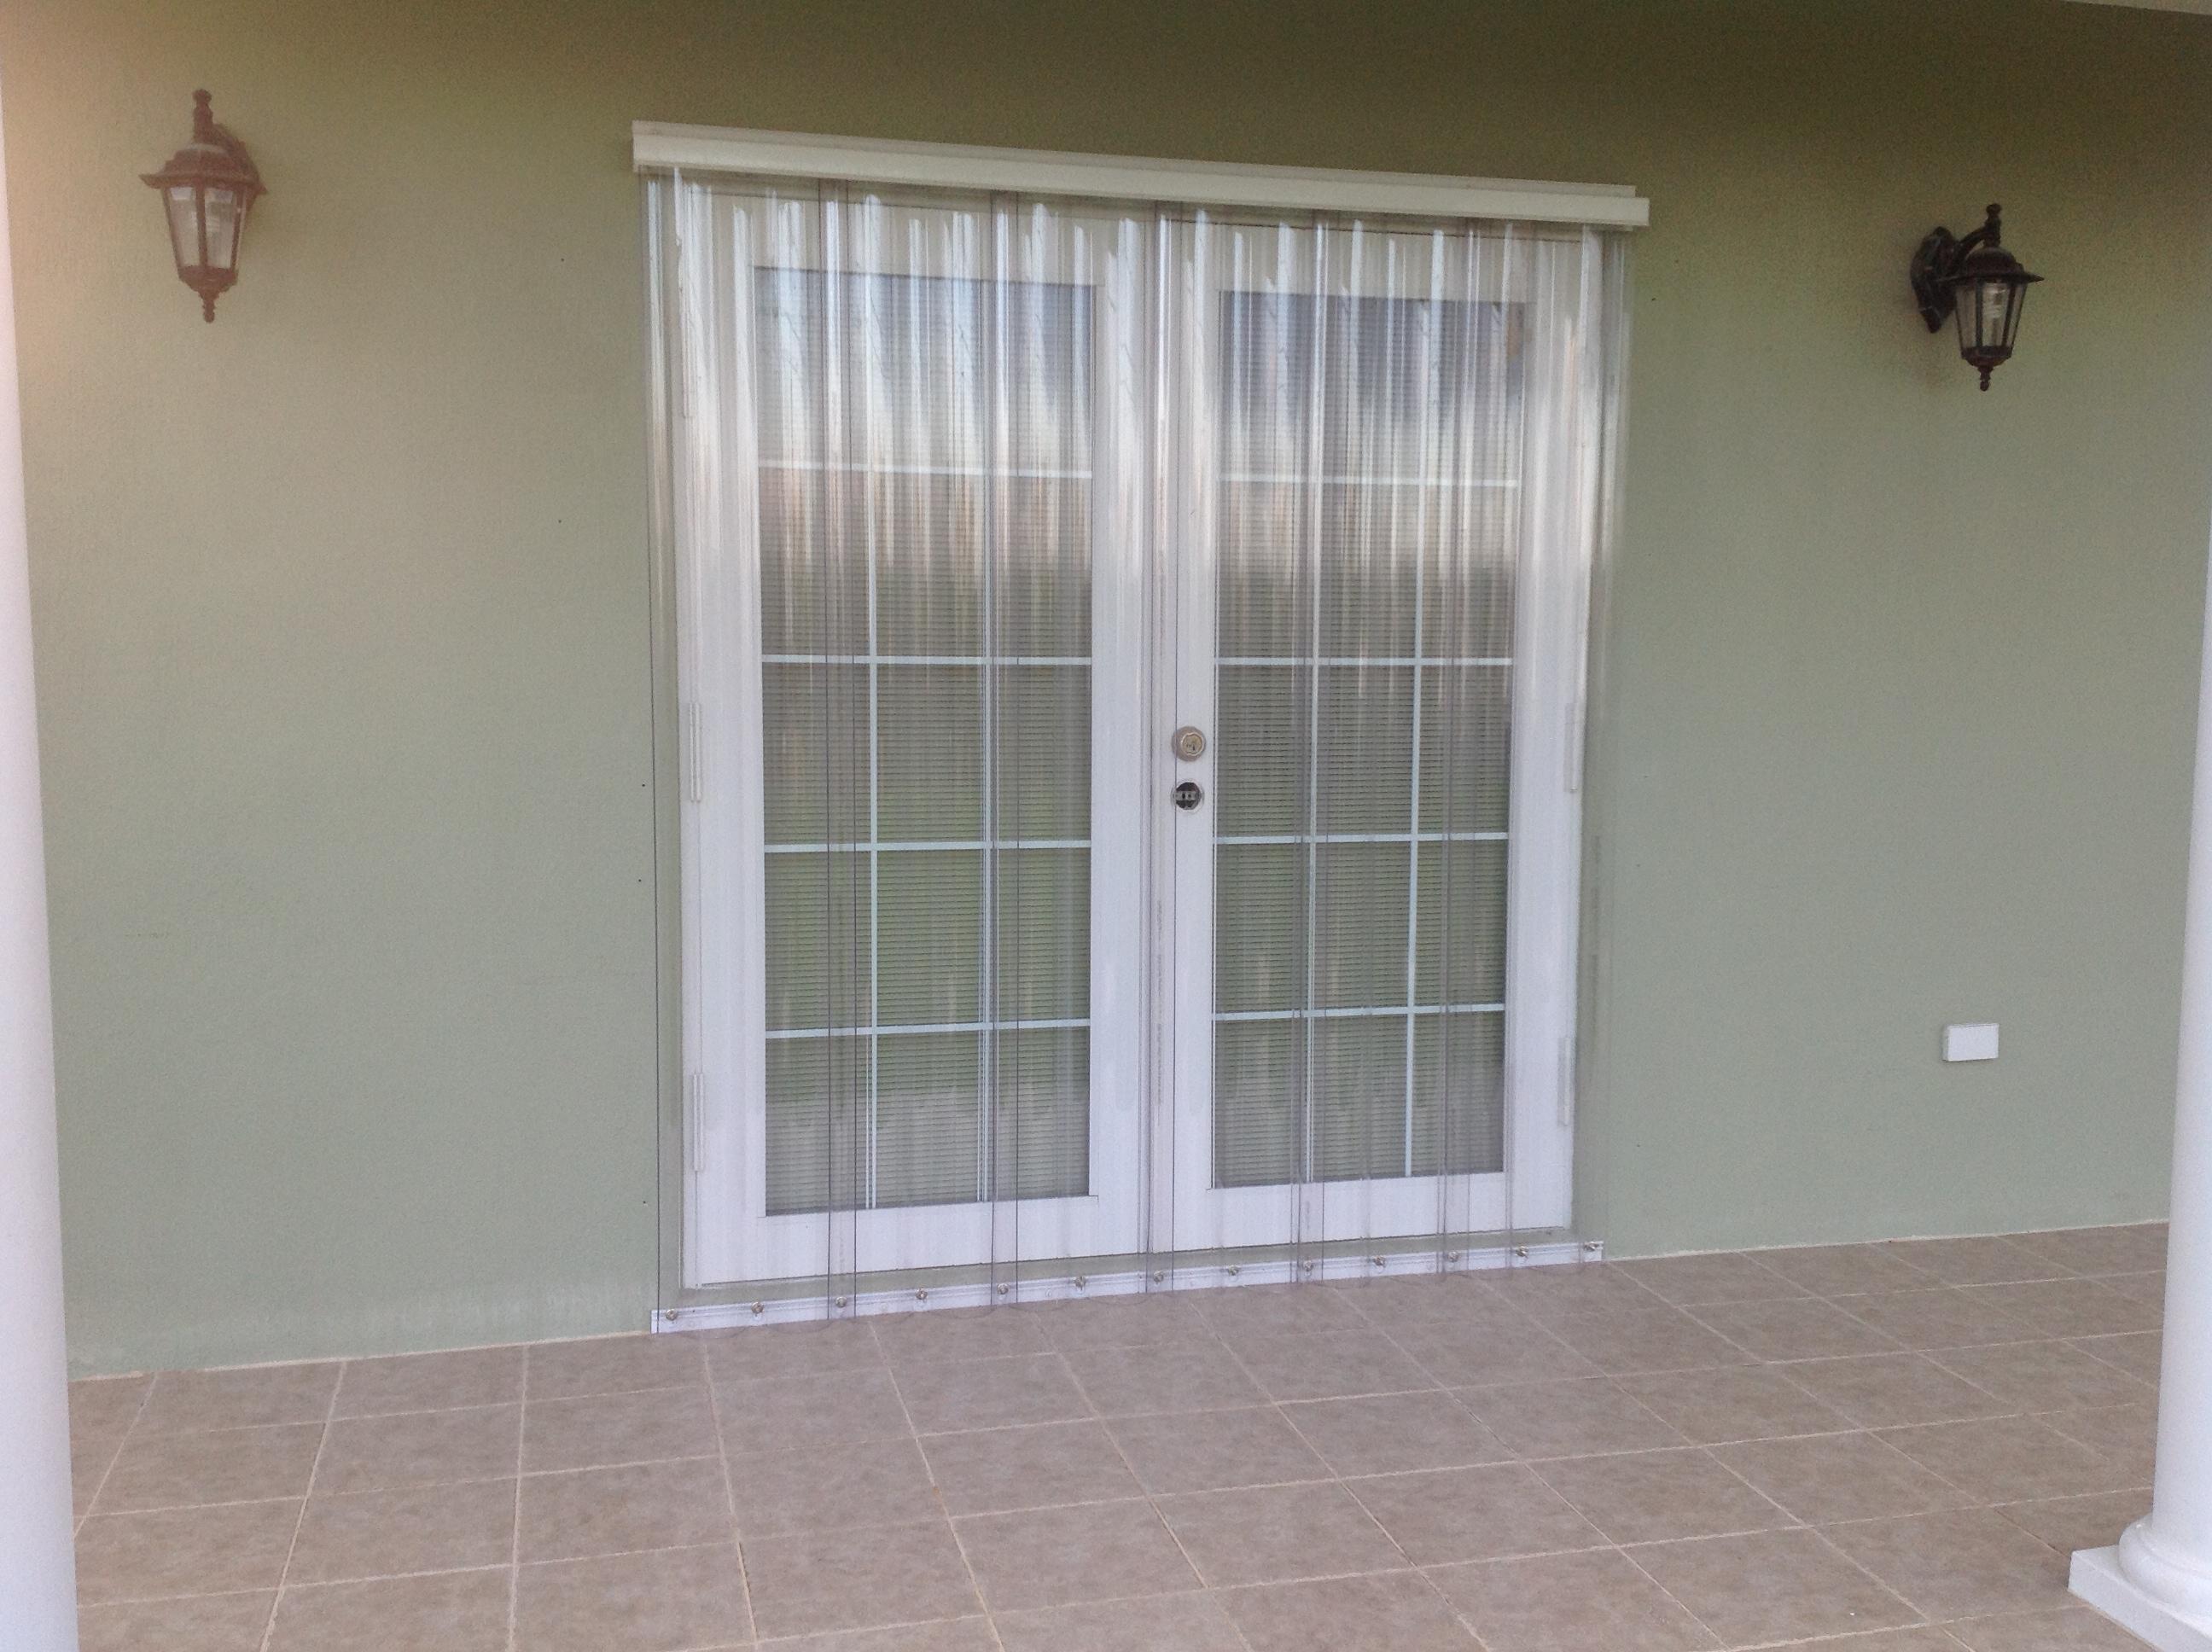 Clear Guard Hurricane Panels Overhead Door